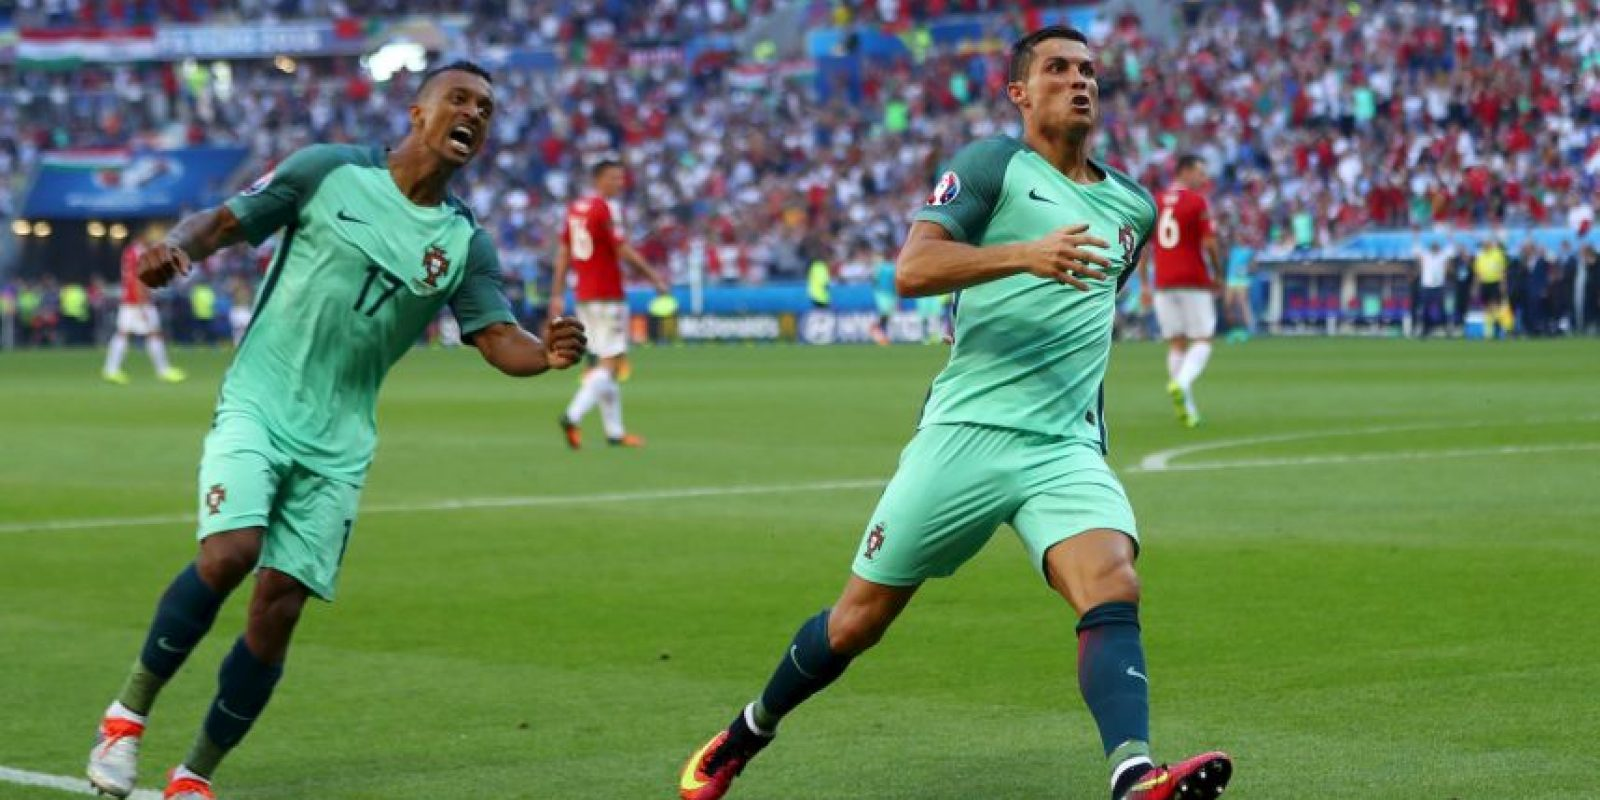 Los lusos sólo avanzaron tras empatar en la última fecha ante Hungría y accedieron como uno de los mejores terceros Foto:Getty Images